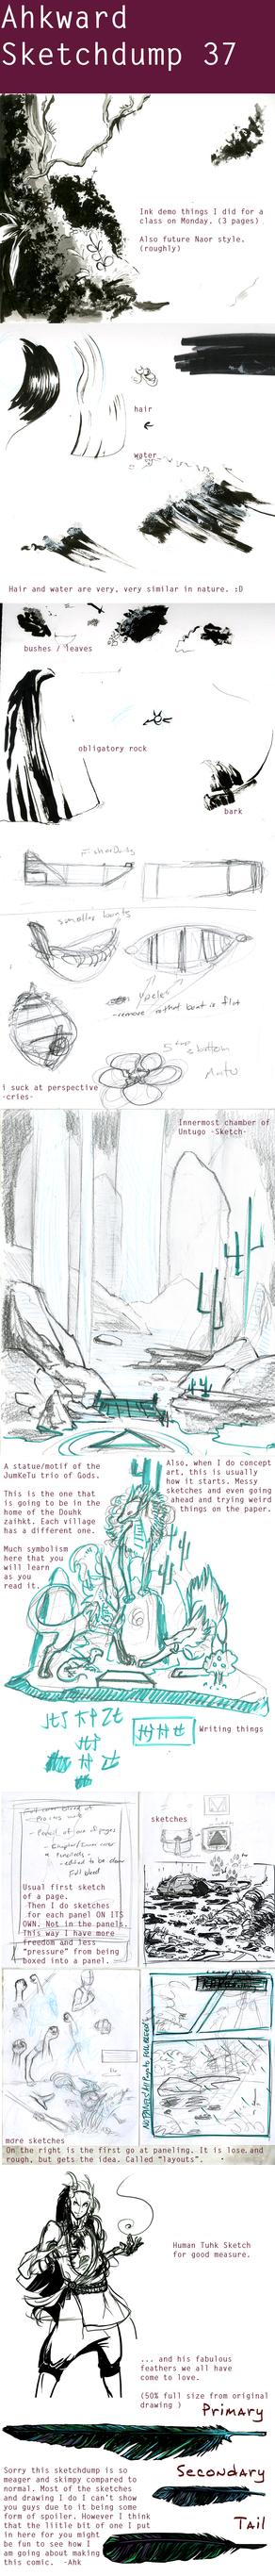 Sketchdump #37 - Comic making by Ahkward